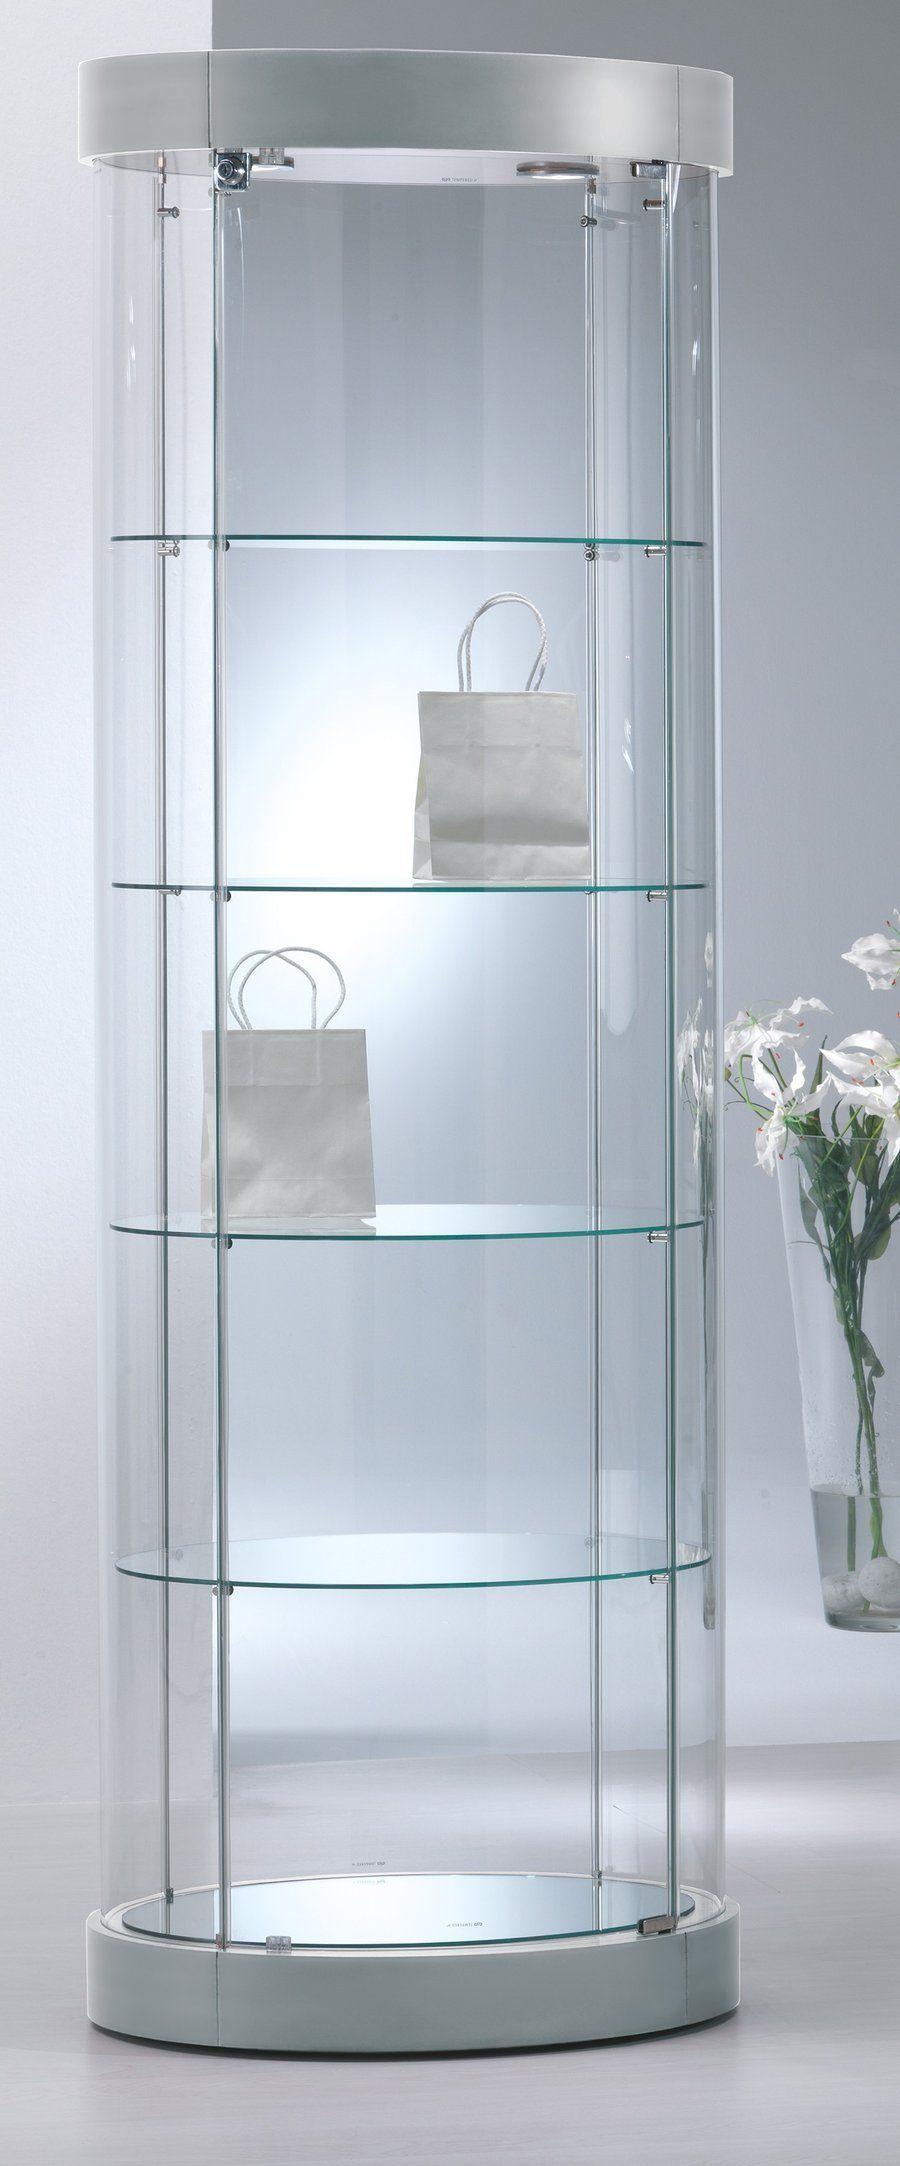 Glass Shelves Decor Shelf Brackets Glassshelvesshowroom Ikeaglassshelveslivingroom In 2020 Glass Cabinets Display Glass Shelves In Bathroom Glass Shelves Kitchen